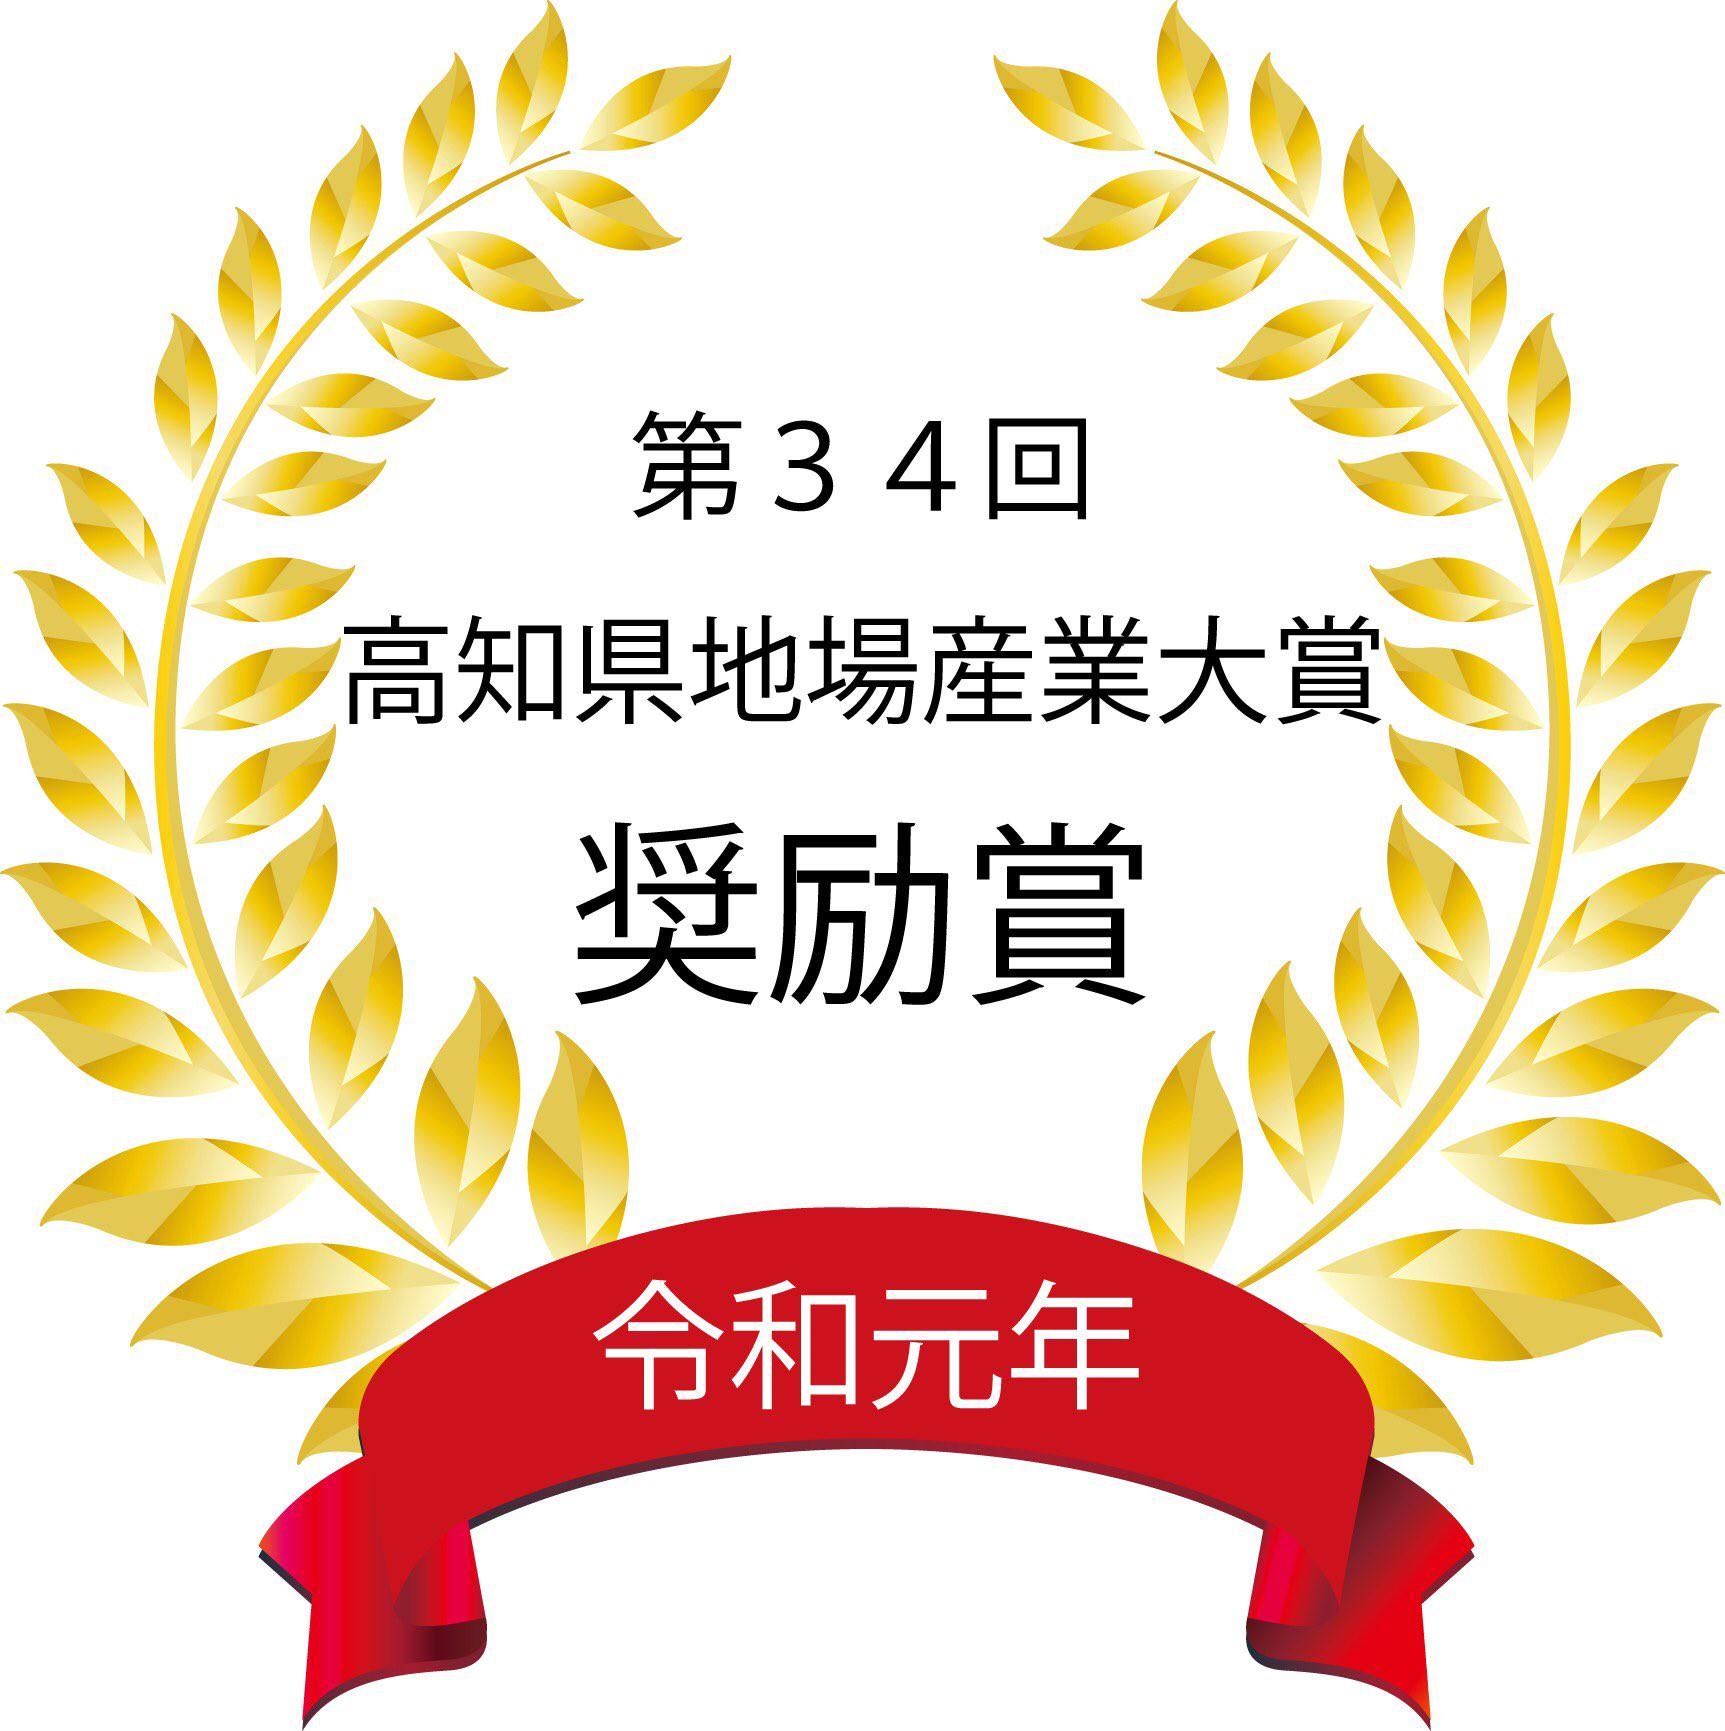 【高知の財布】高知県地場産業奨励賞受賞致しました!!